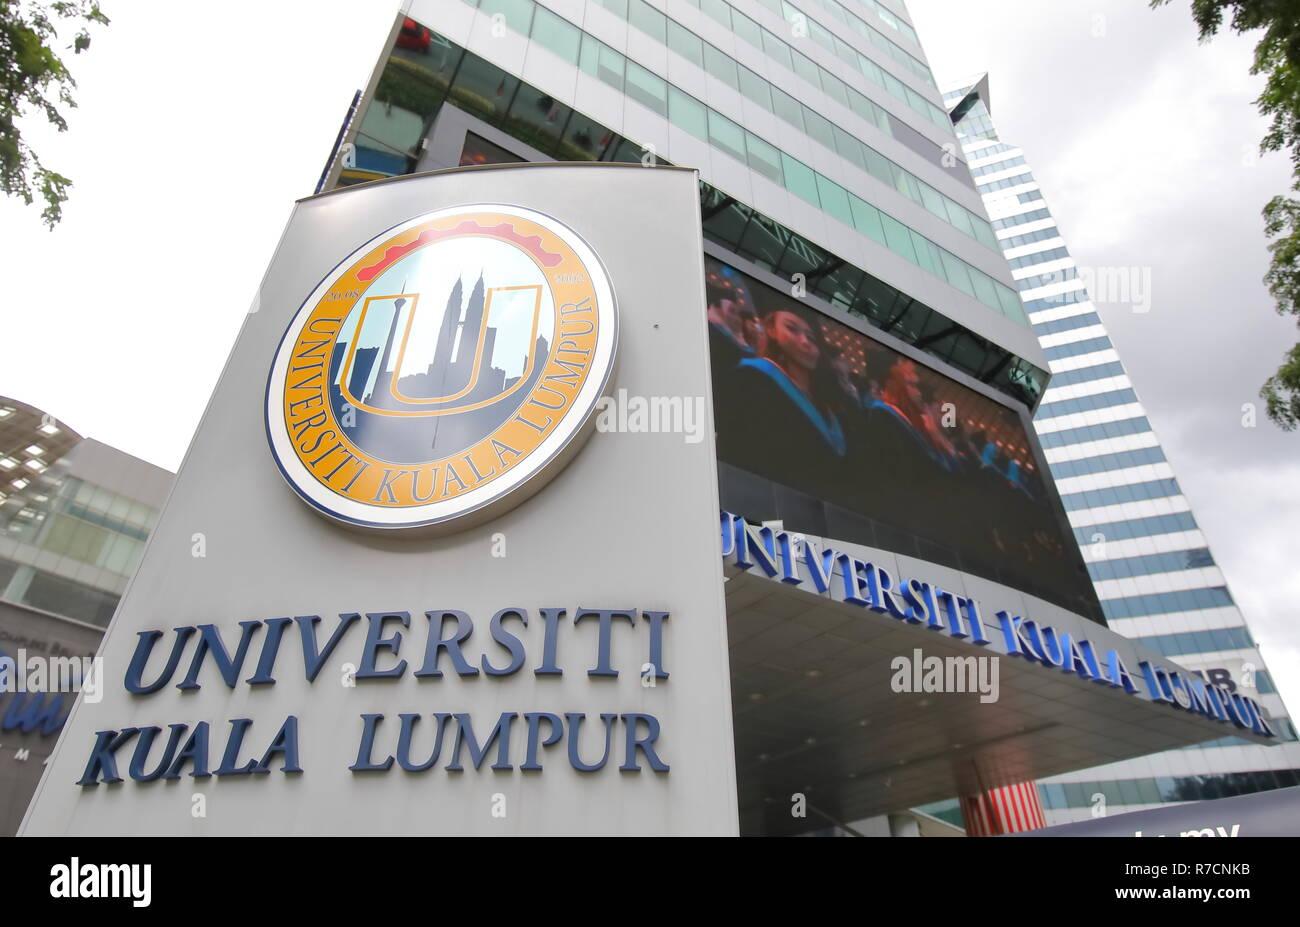 Kuala Lumpur University In Kuala Lumpur Malaysia Stock Photo Alamy